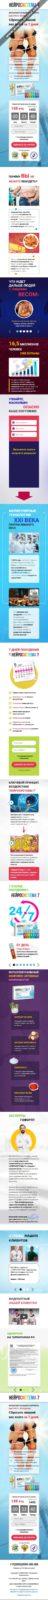 Скриншот Готового лендинга Нейросистема 7 - формула быстрого похудения 001 - моб